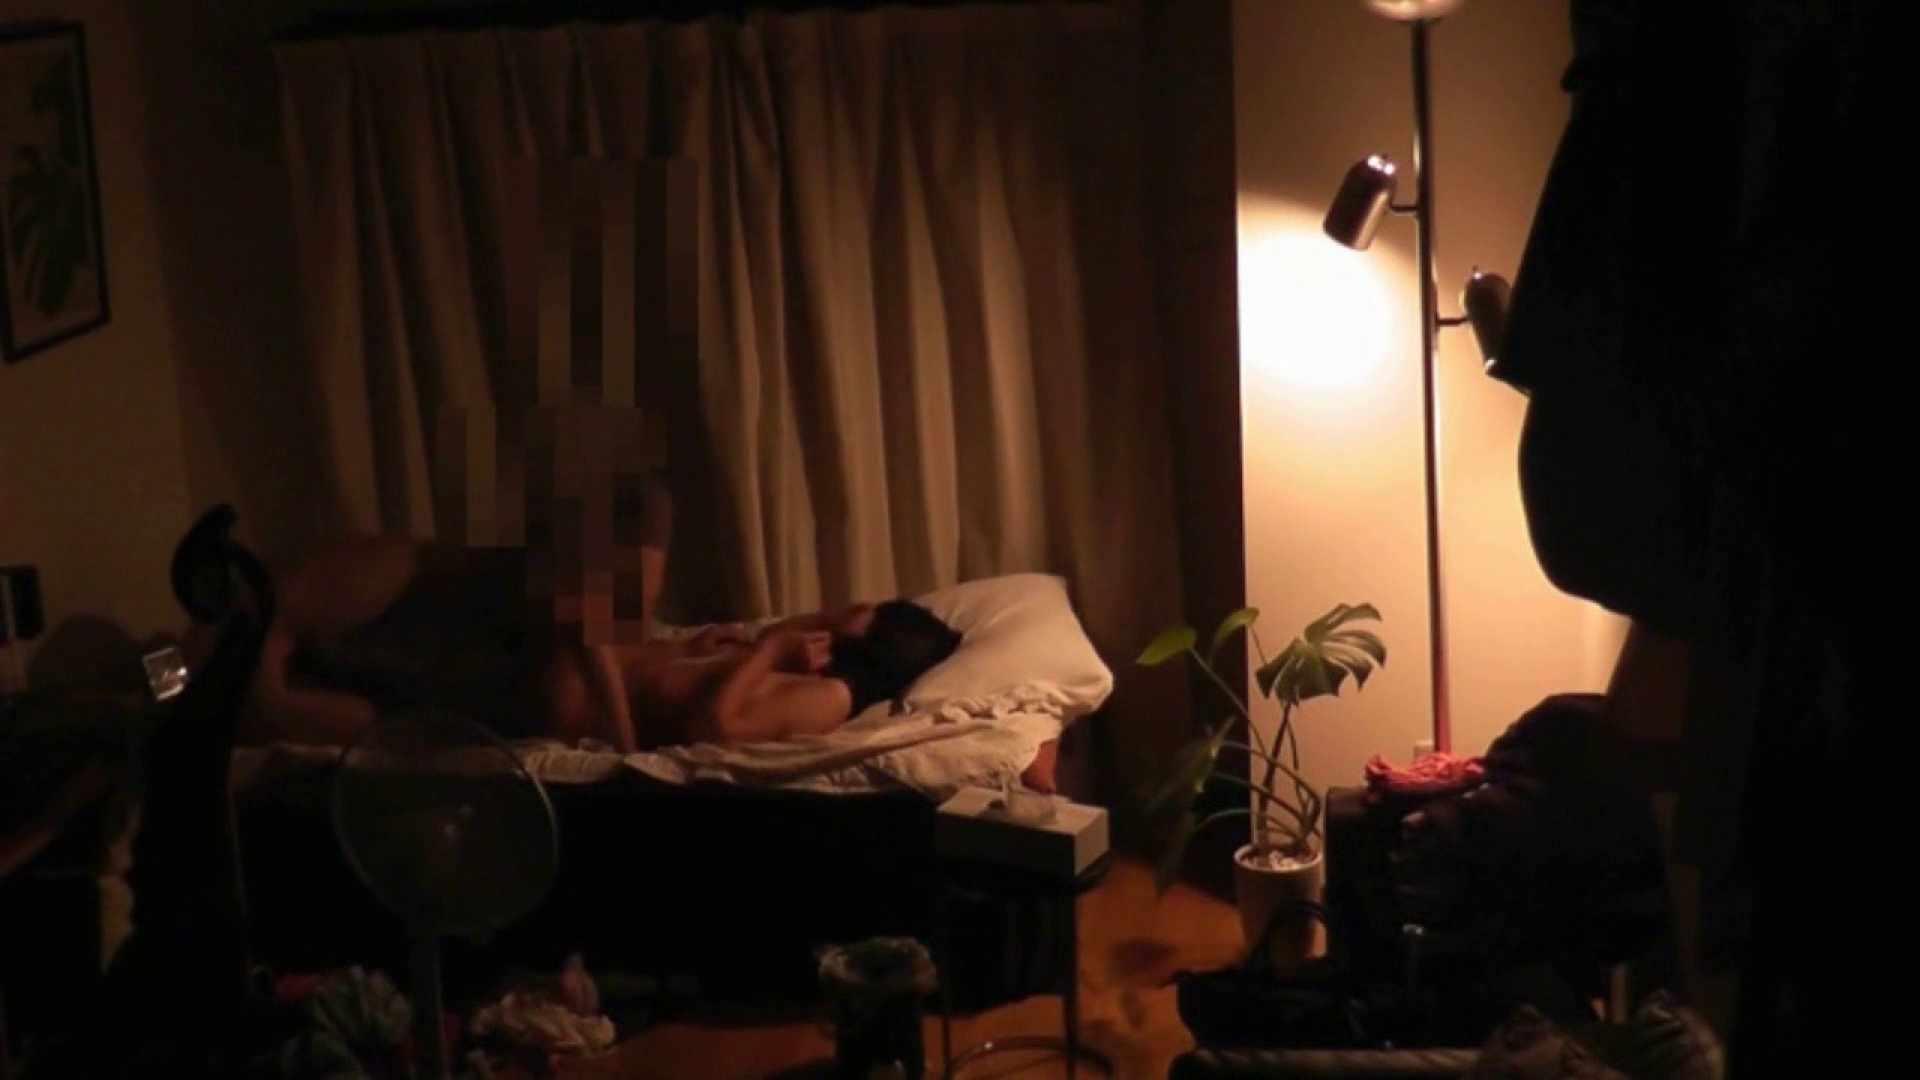 美女だらけのプライベートSEXvol.1 モデルのボディ ワレメ動画紹介 51PIX 30